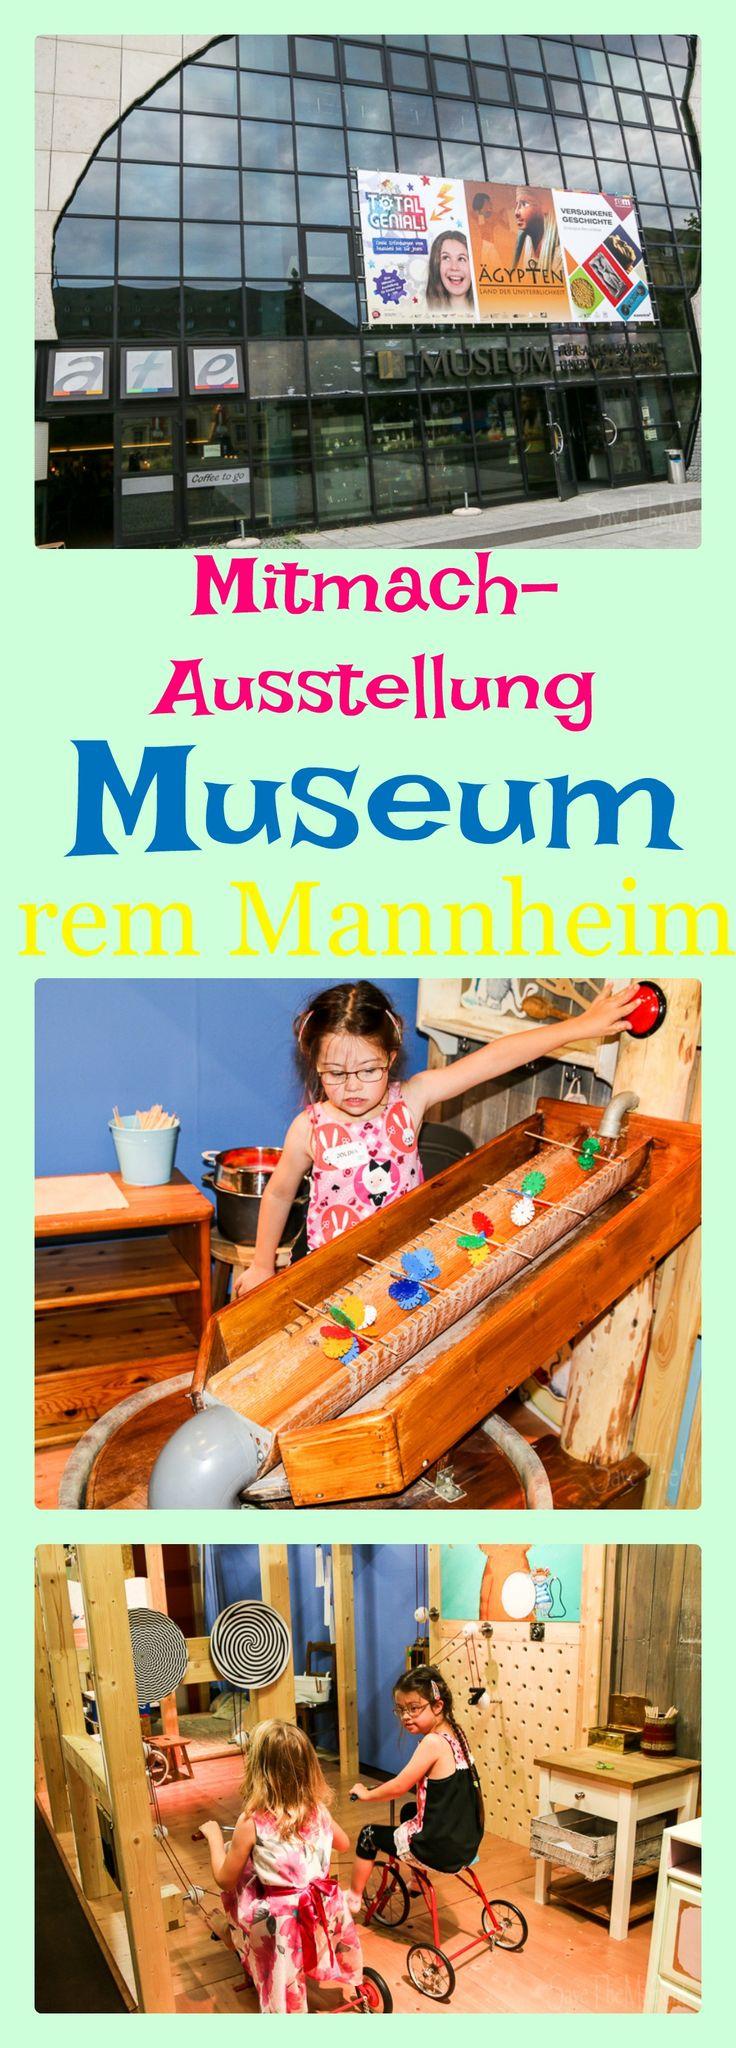 Die Mitmach-Ausstellung des rem Museum Mannheim ist für Kinder von 4 bis 104 und heißt Total Genial! Hier geht es um Erfindungen und alles darf angefasst und ausprobiert werden